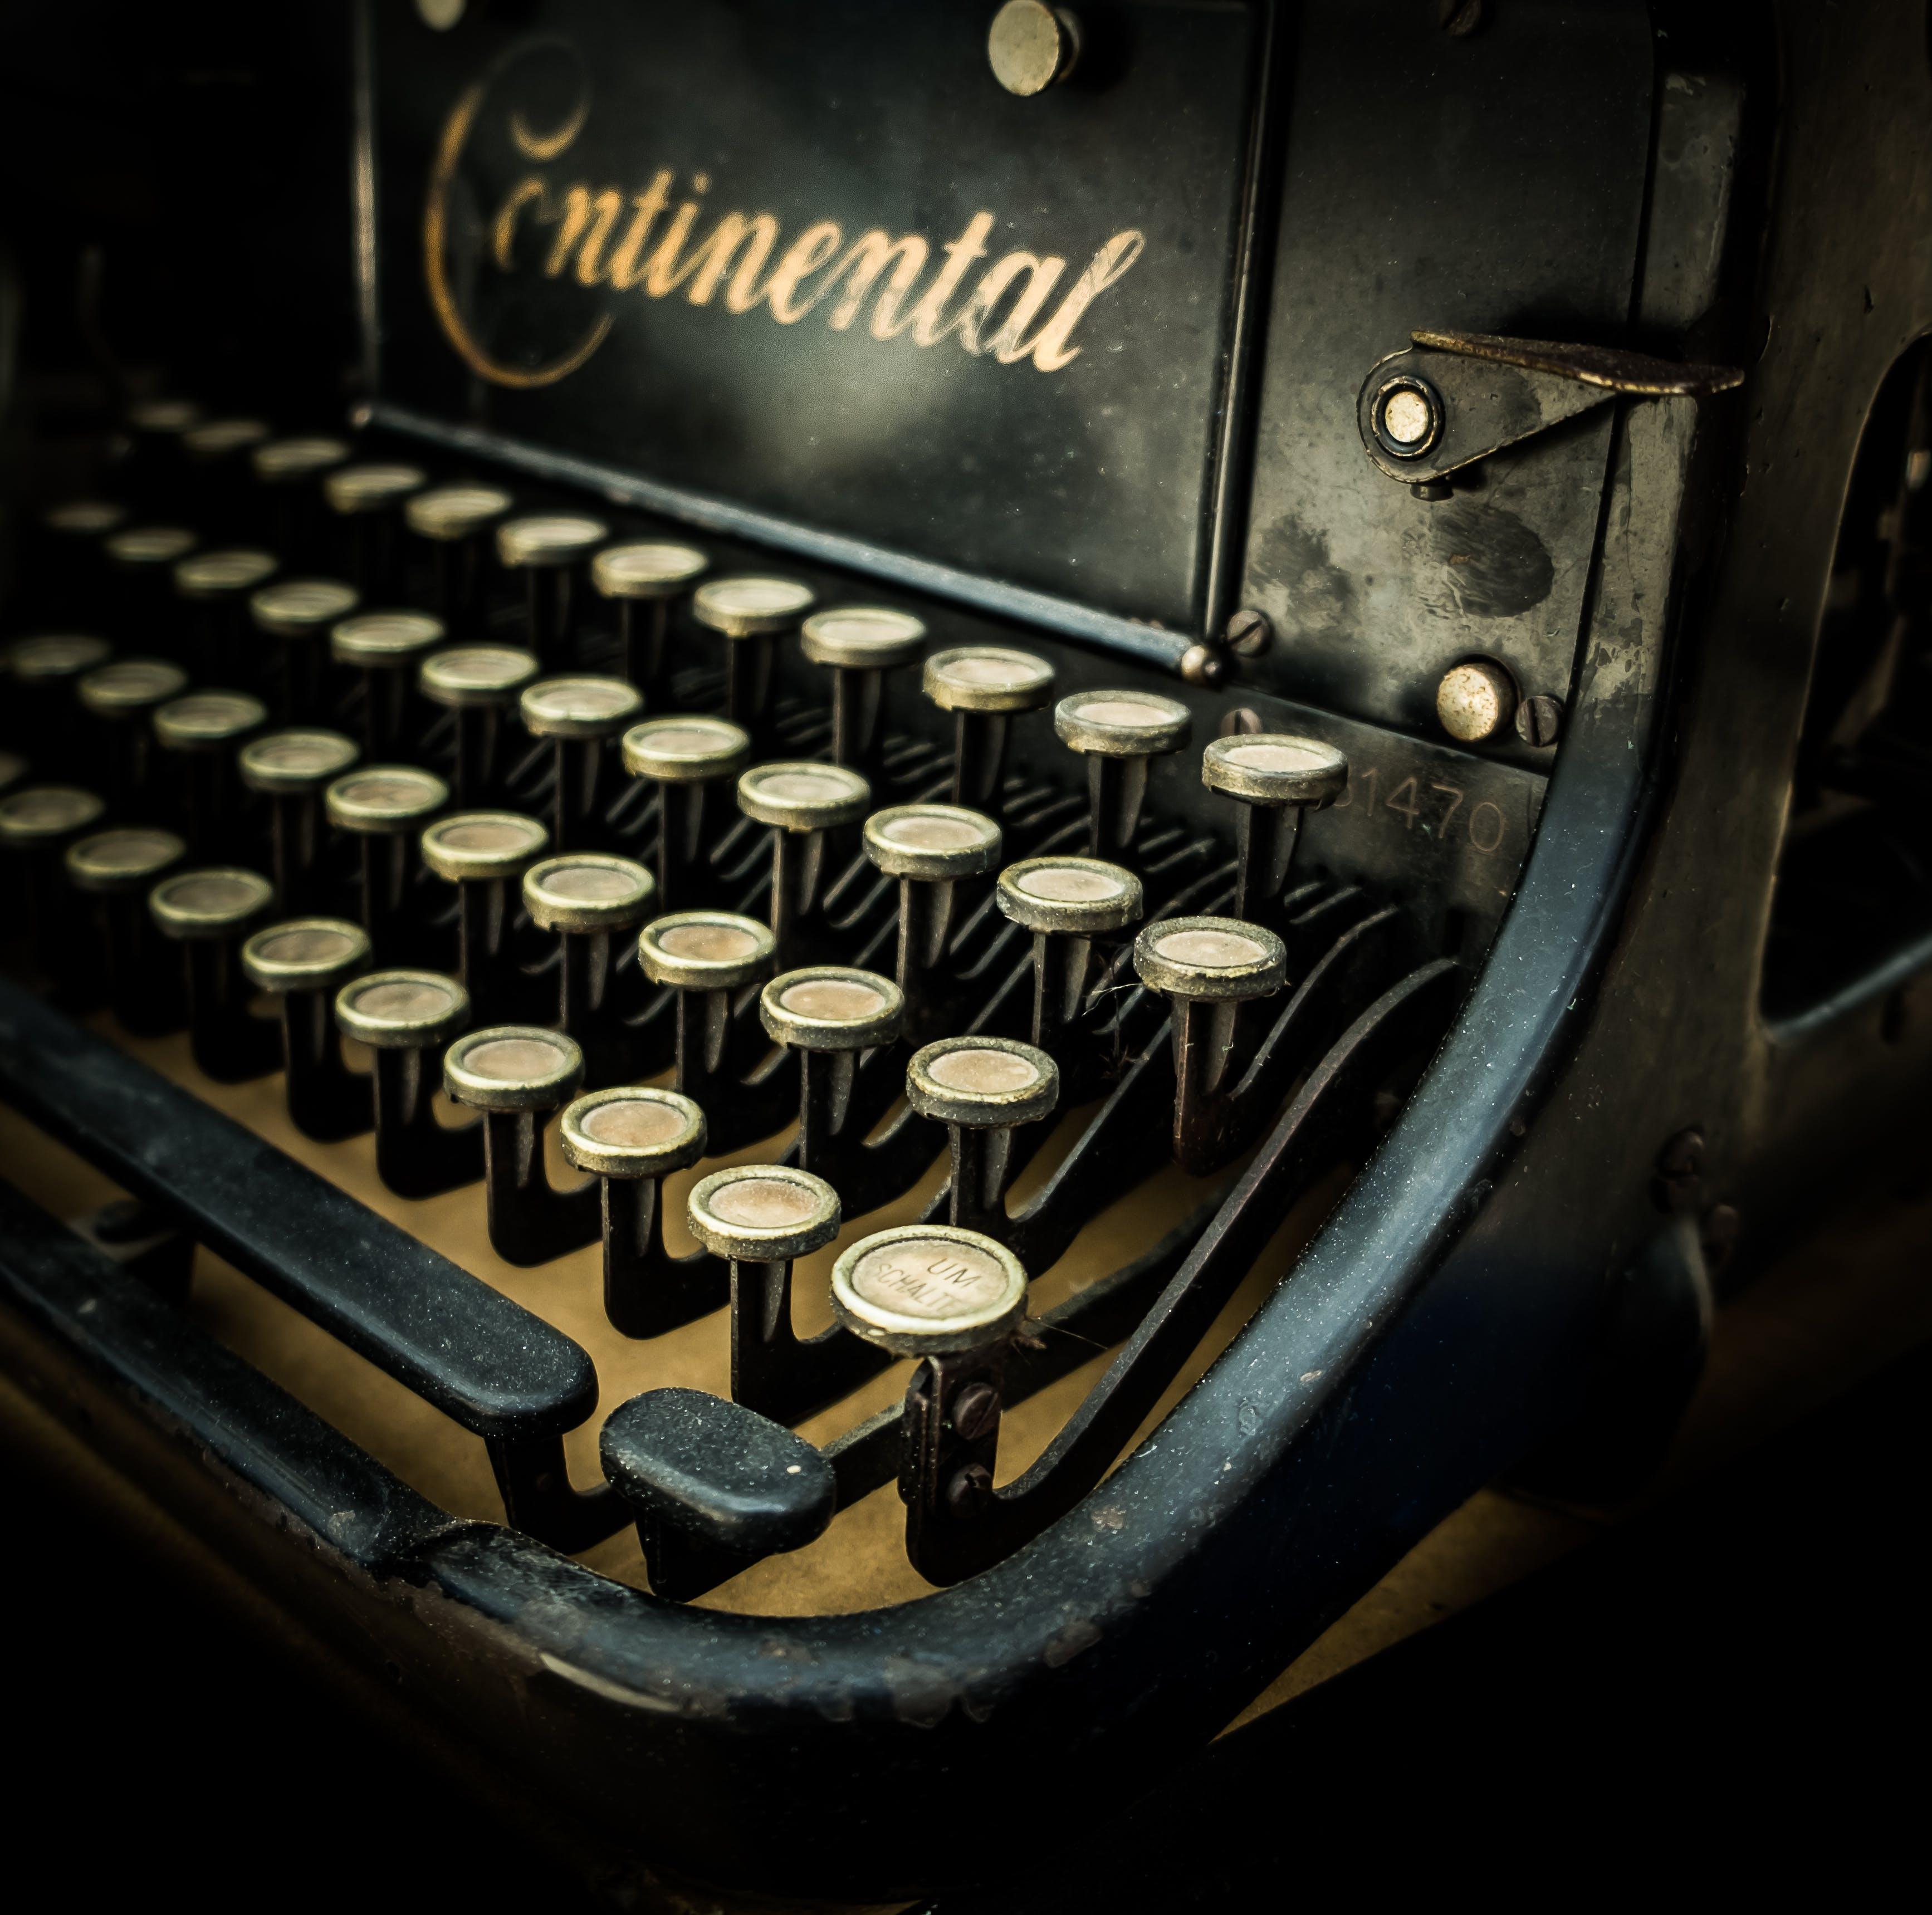 Free stock photo of vintage, keyboard, old, typewriter